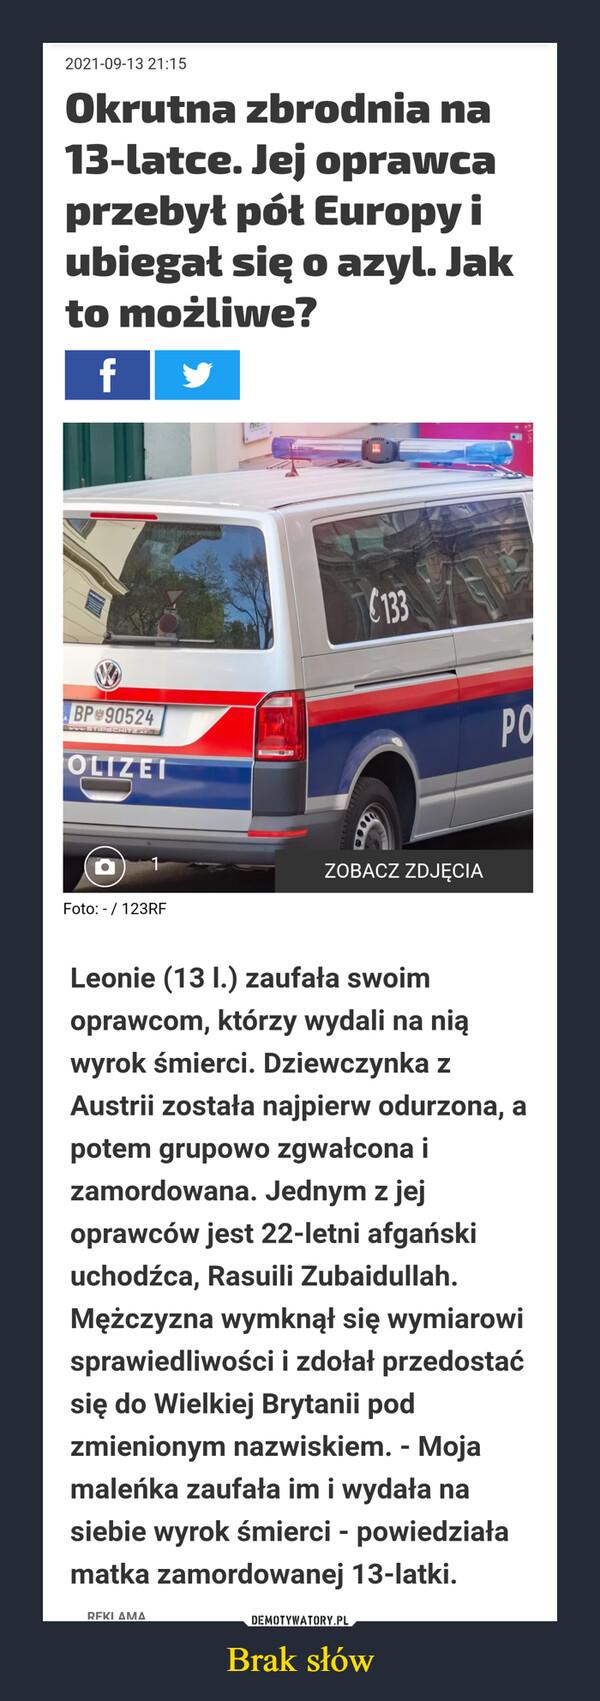 Brak słów –  2021-09-13 21:15 Okrutna zbrodnia na 13-latce. Jej oprawca przebył pół Europy i ubiegał sig o azyl. Jak to możliwe? f Foto / 123RF Leonie (13 I.) zaufała swoim oprawcom, którzy wydali na nią wyrok śmierci. Dziewczynka z Austrii została najpierw odurzona, a potem grupowo zgwałcona i zamordowana. Jednym z jej oprawców jest 22-letni afgański uchodźca, Rasuili Zubaidullah. Mężczyzna wymknął się wymiarowi sprawiedliwości i zdołał przedostać się do Wielkiej Brytanii pod zmienionym nazwiskiem. - Moja maleńka zaufała im i wydała na siebie wyrok śmierci - powiedziała matka zamordowanej 13-łatki. PFKI AMA